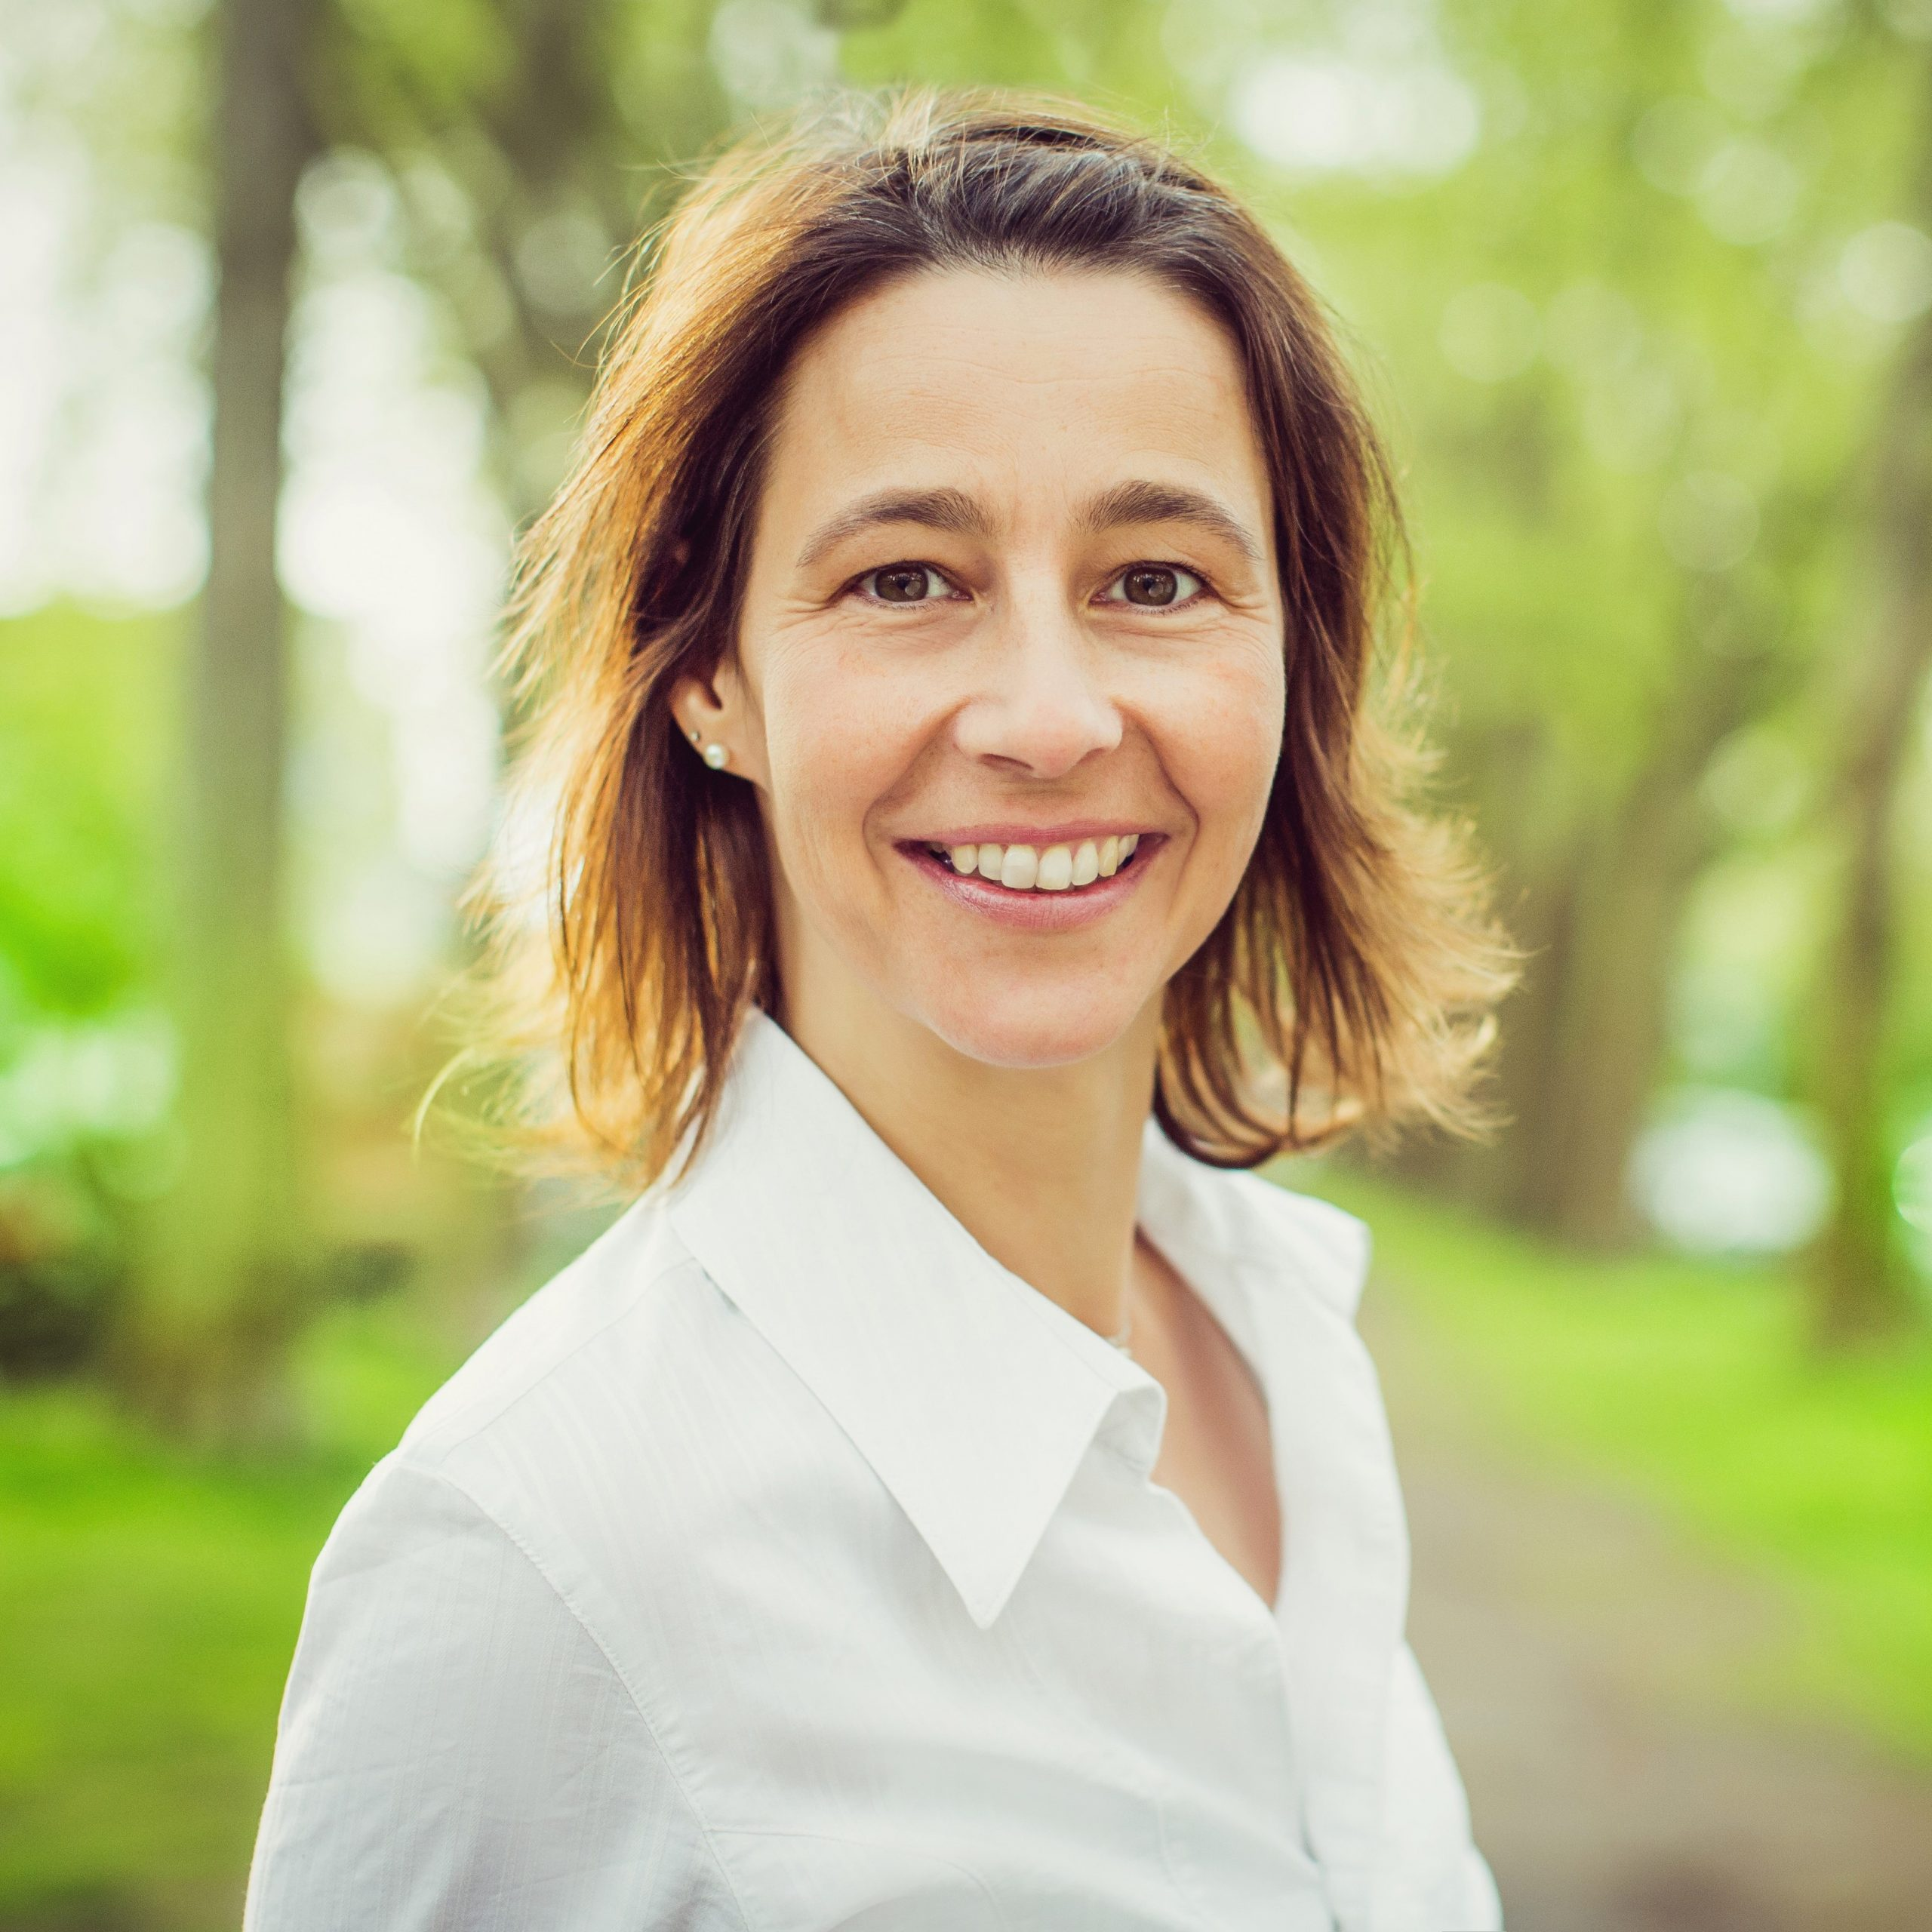 Annette Christ